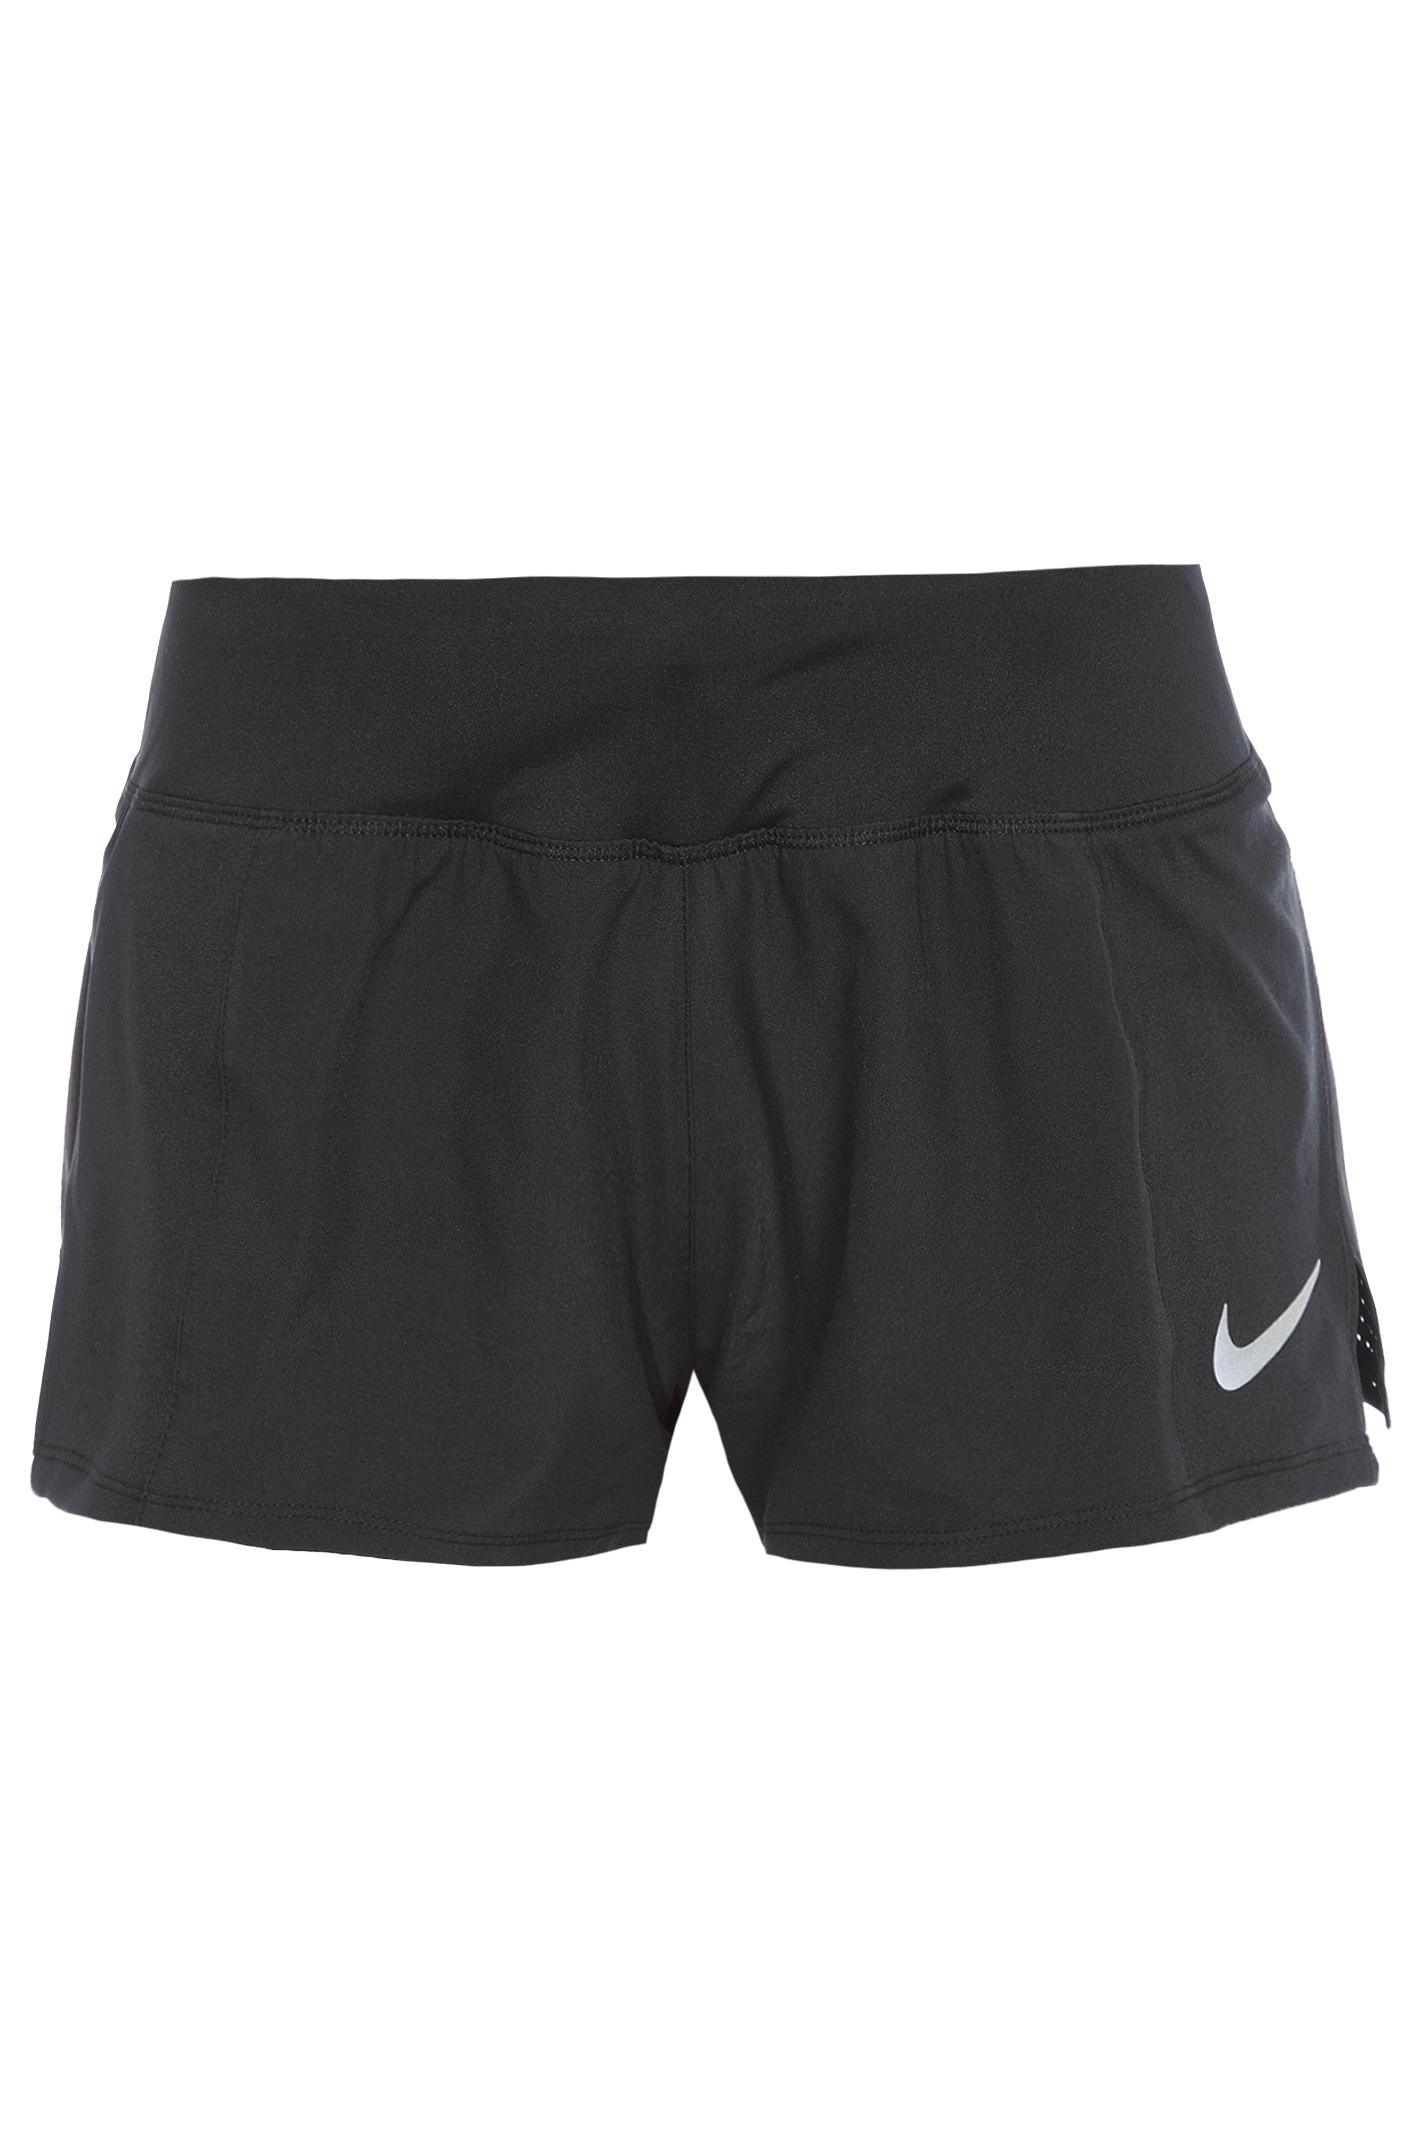 Shorts Nike Crew 2